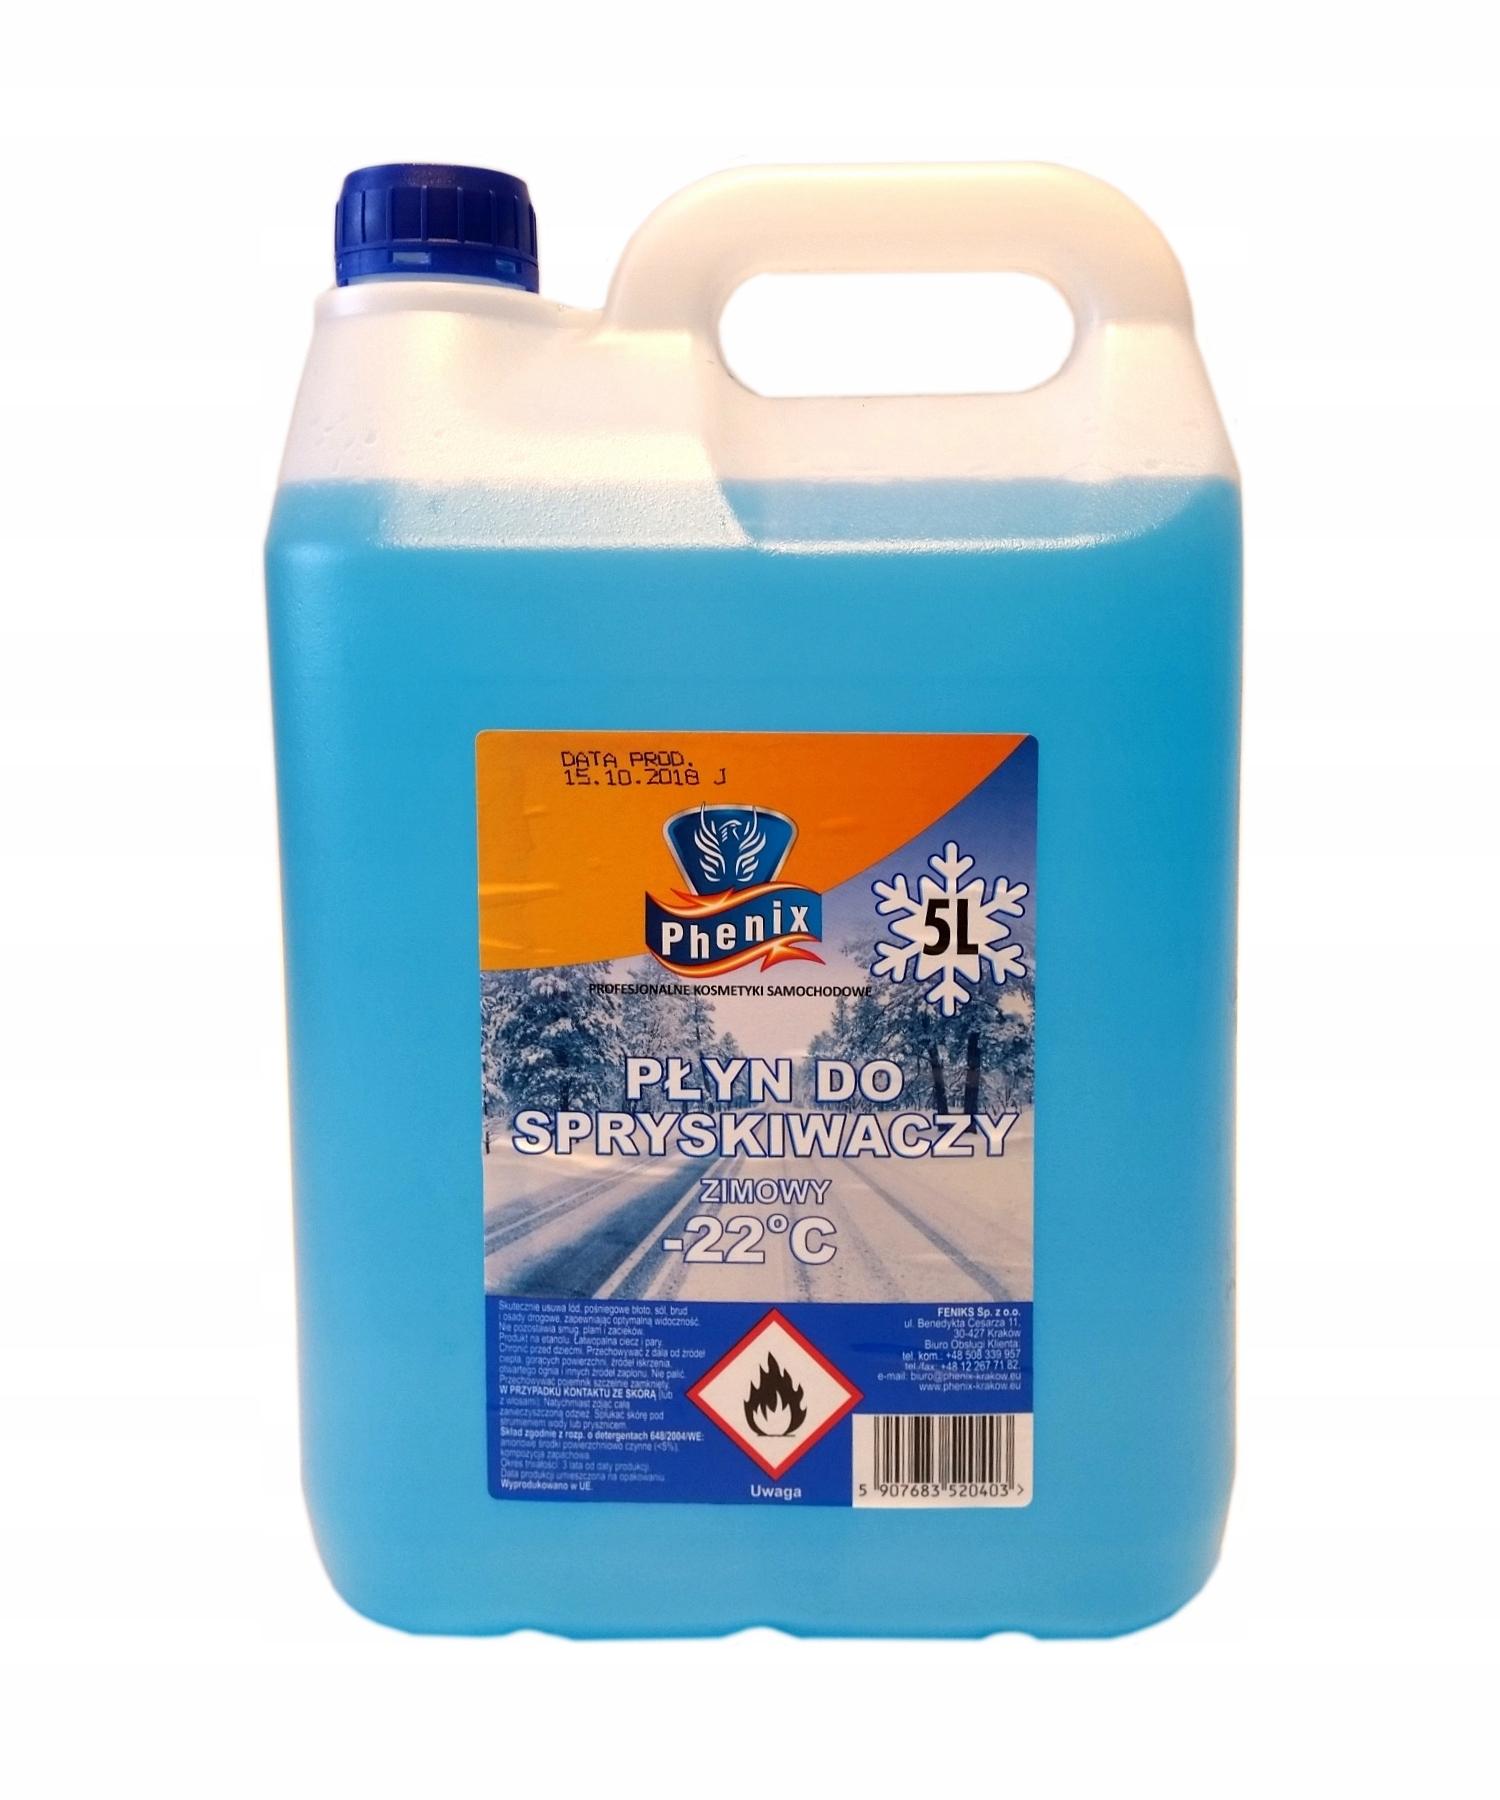 Жидкость для омывателя зимняя -22 ° C, 5L Phenix